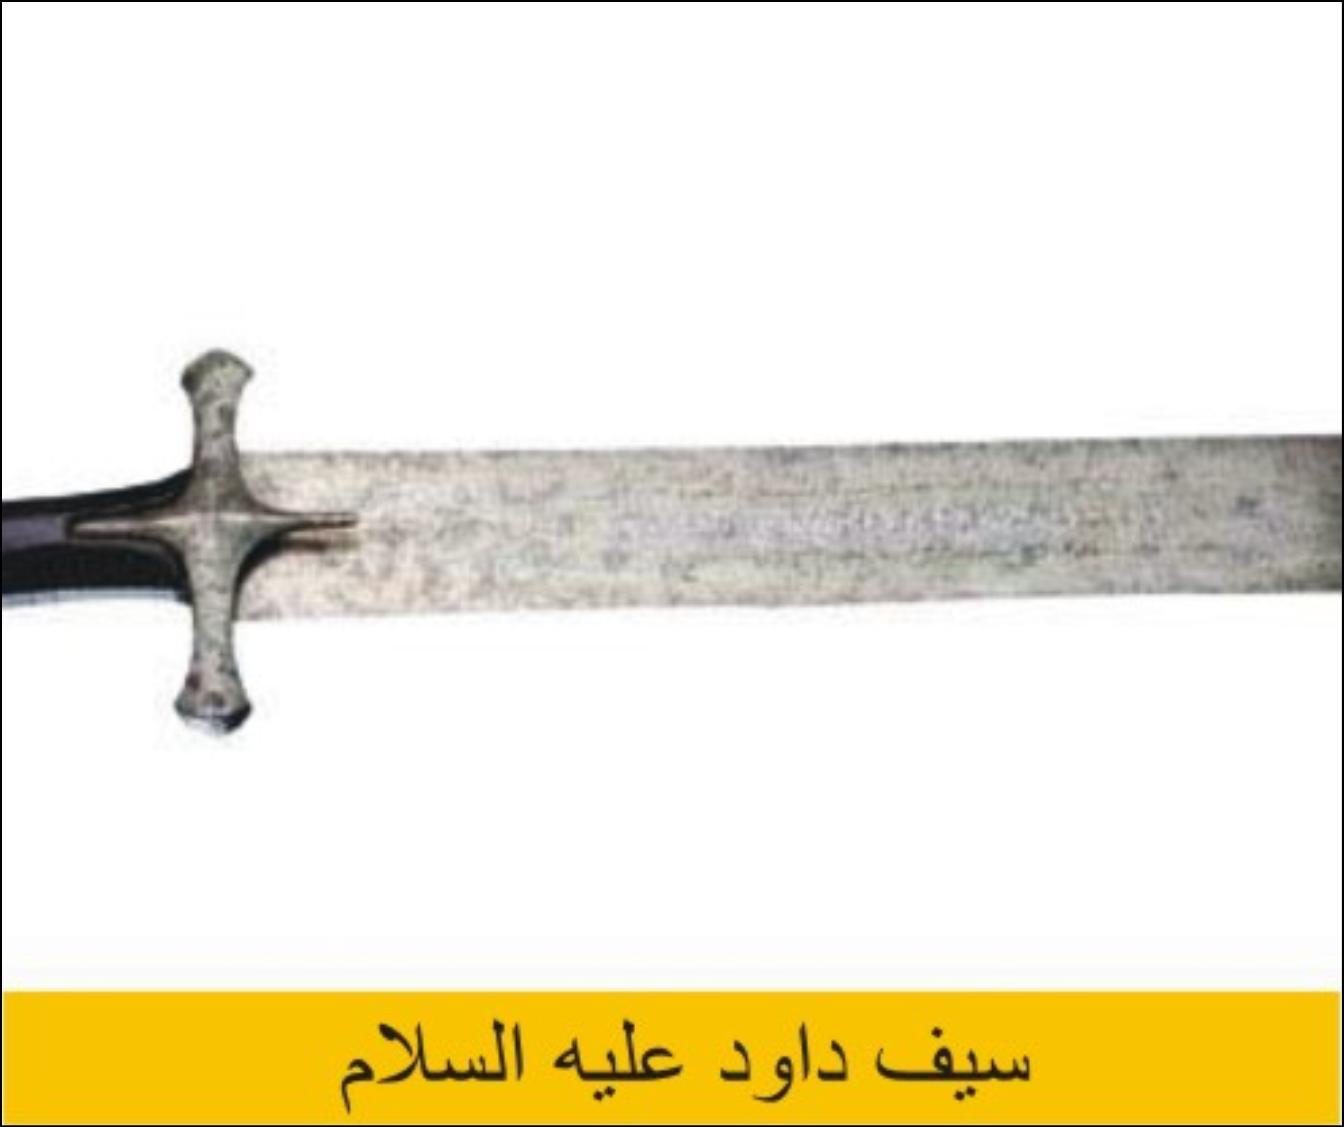 http://2.bp.blogspot.com/-IsKw1uE2ZJc/T2HjtyI1iyI/AAAAAAAAARw/WdgSV2ahKRU/s1600/Sword-of-david-hazrat-dawood.jpg